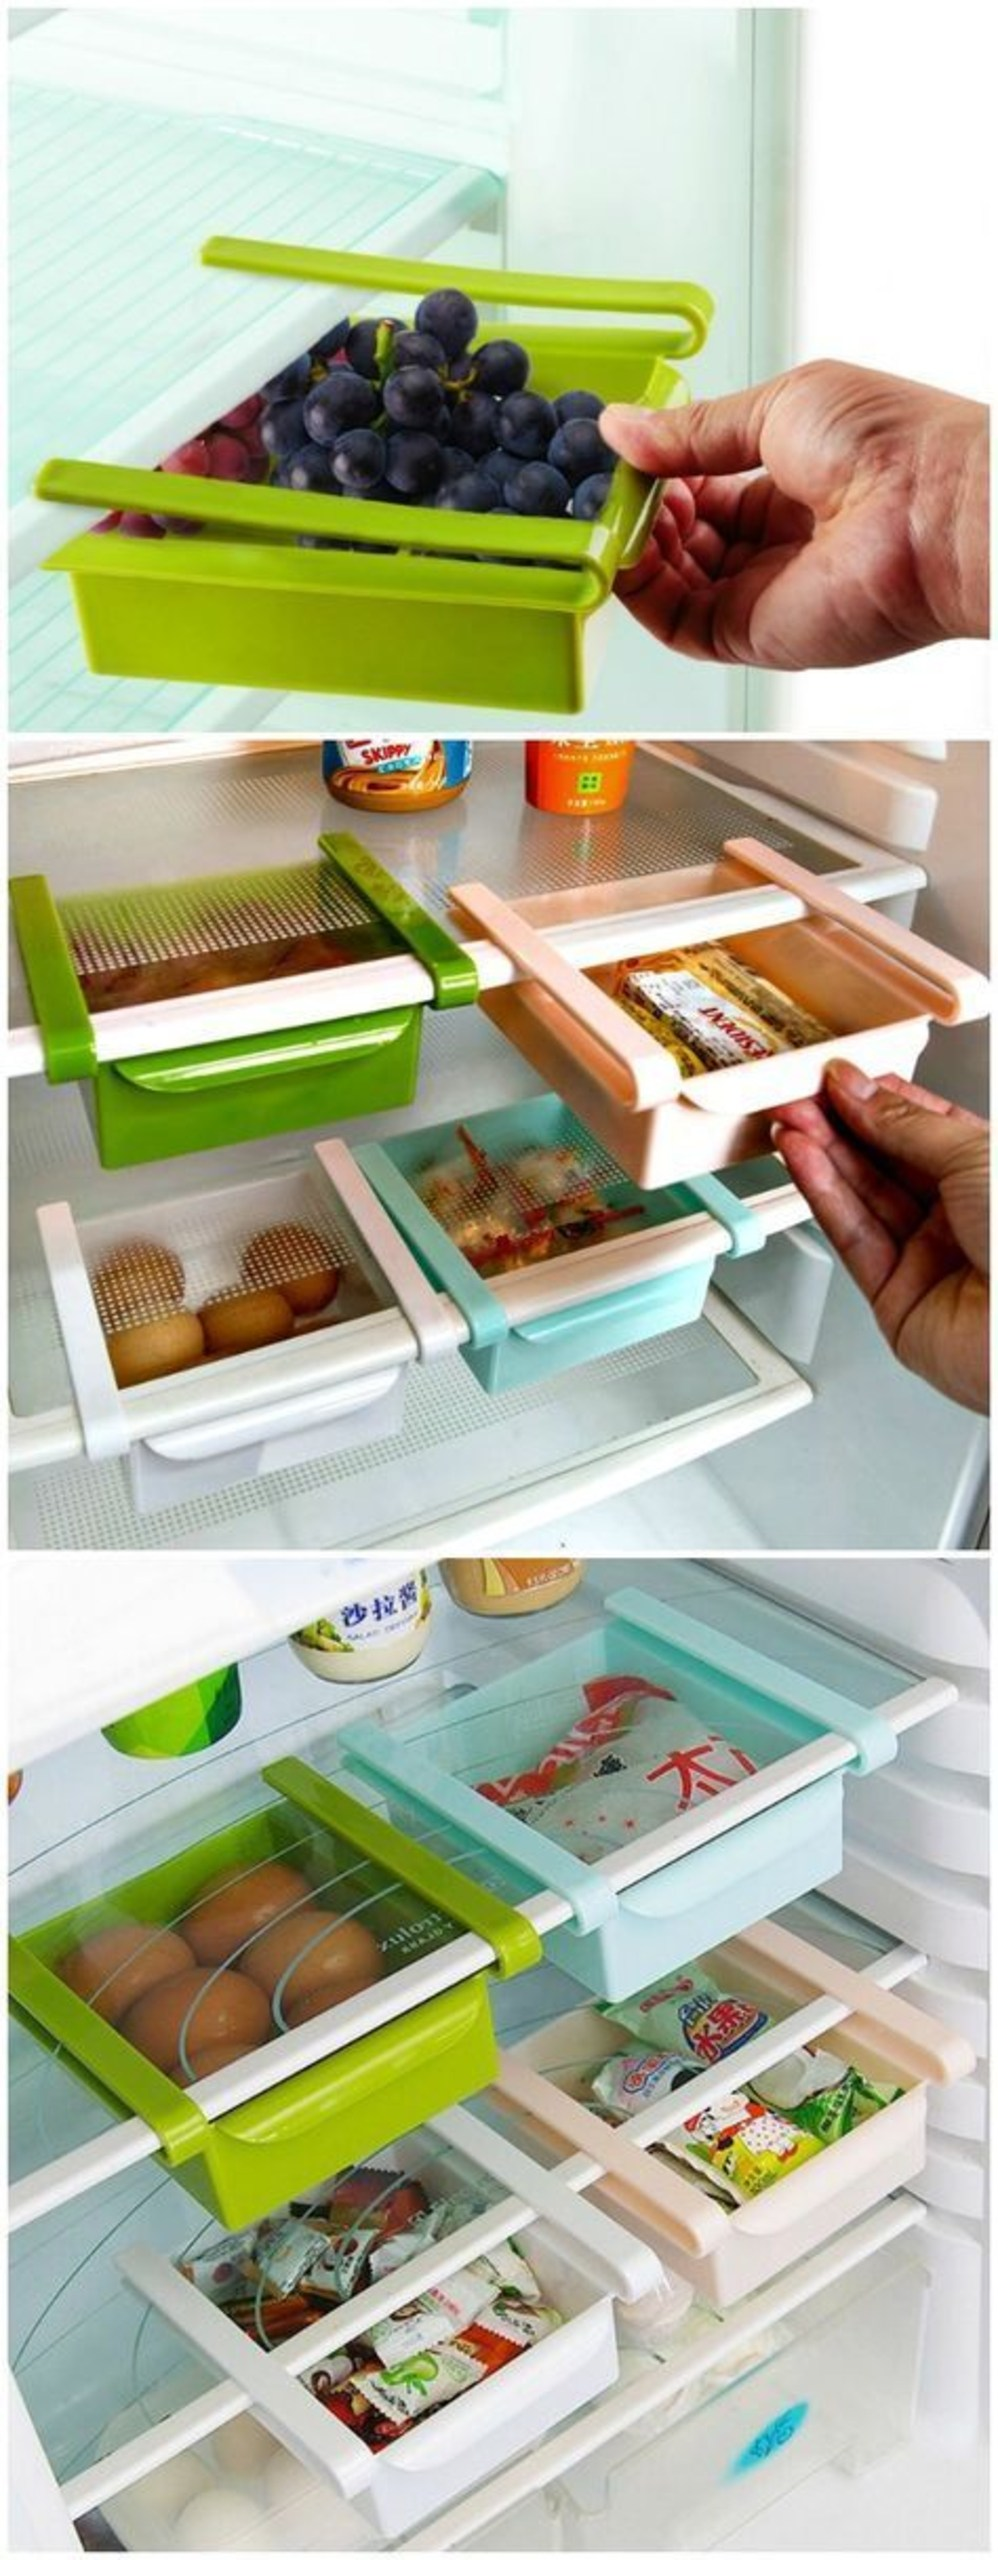 способы содержания холодильника в чистоте фото 4